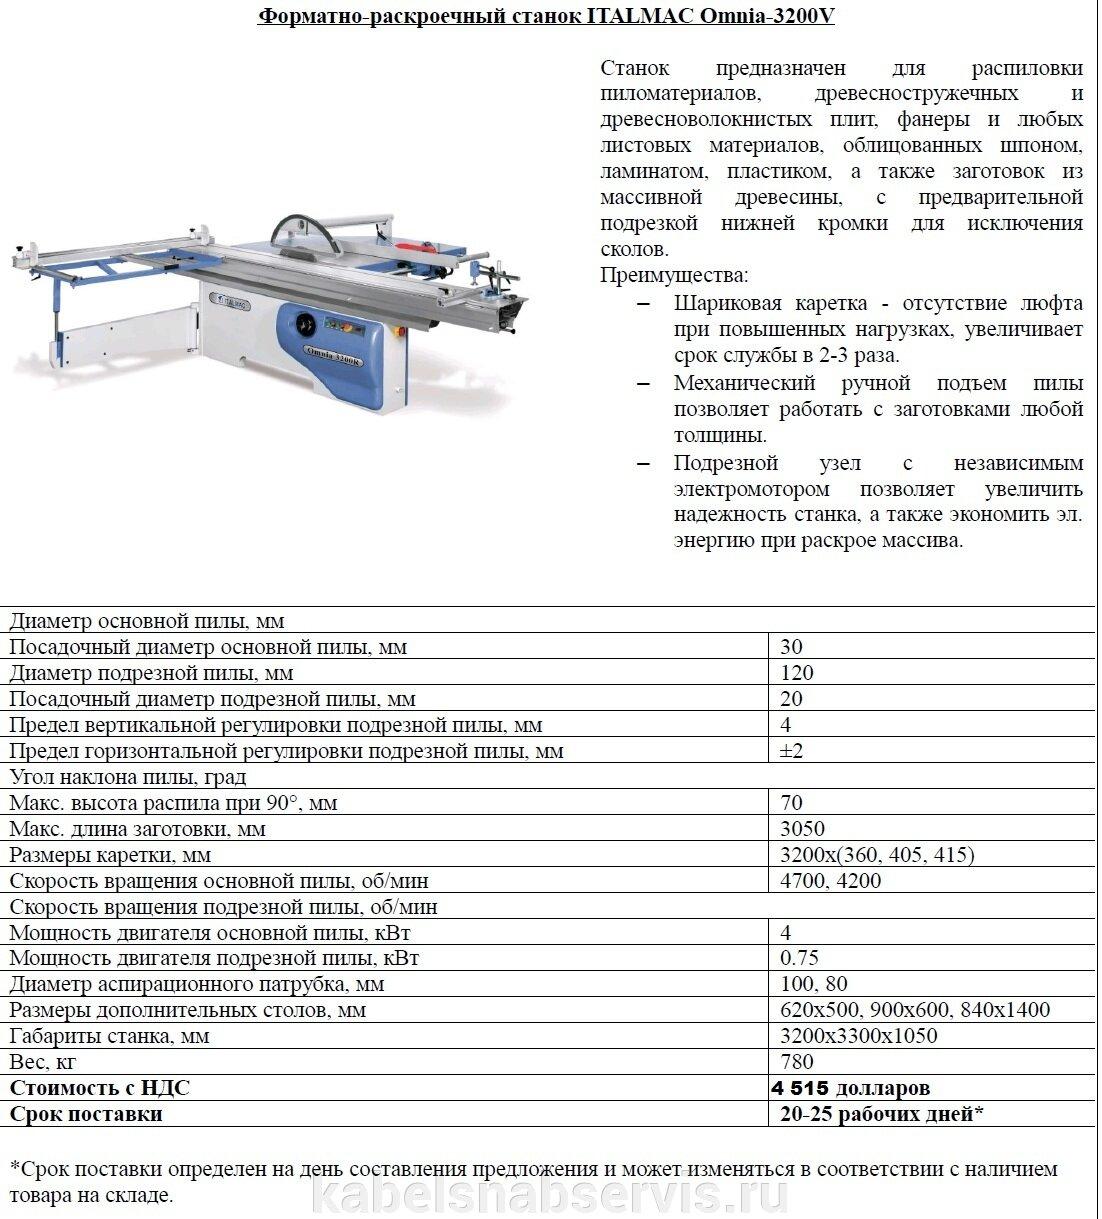 Форматно-раскроечный станок Omnia 3200 V - фото pic_9d1b128b0a0a5b52ded69c2ccca542a0_1920x9000_1.jpg